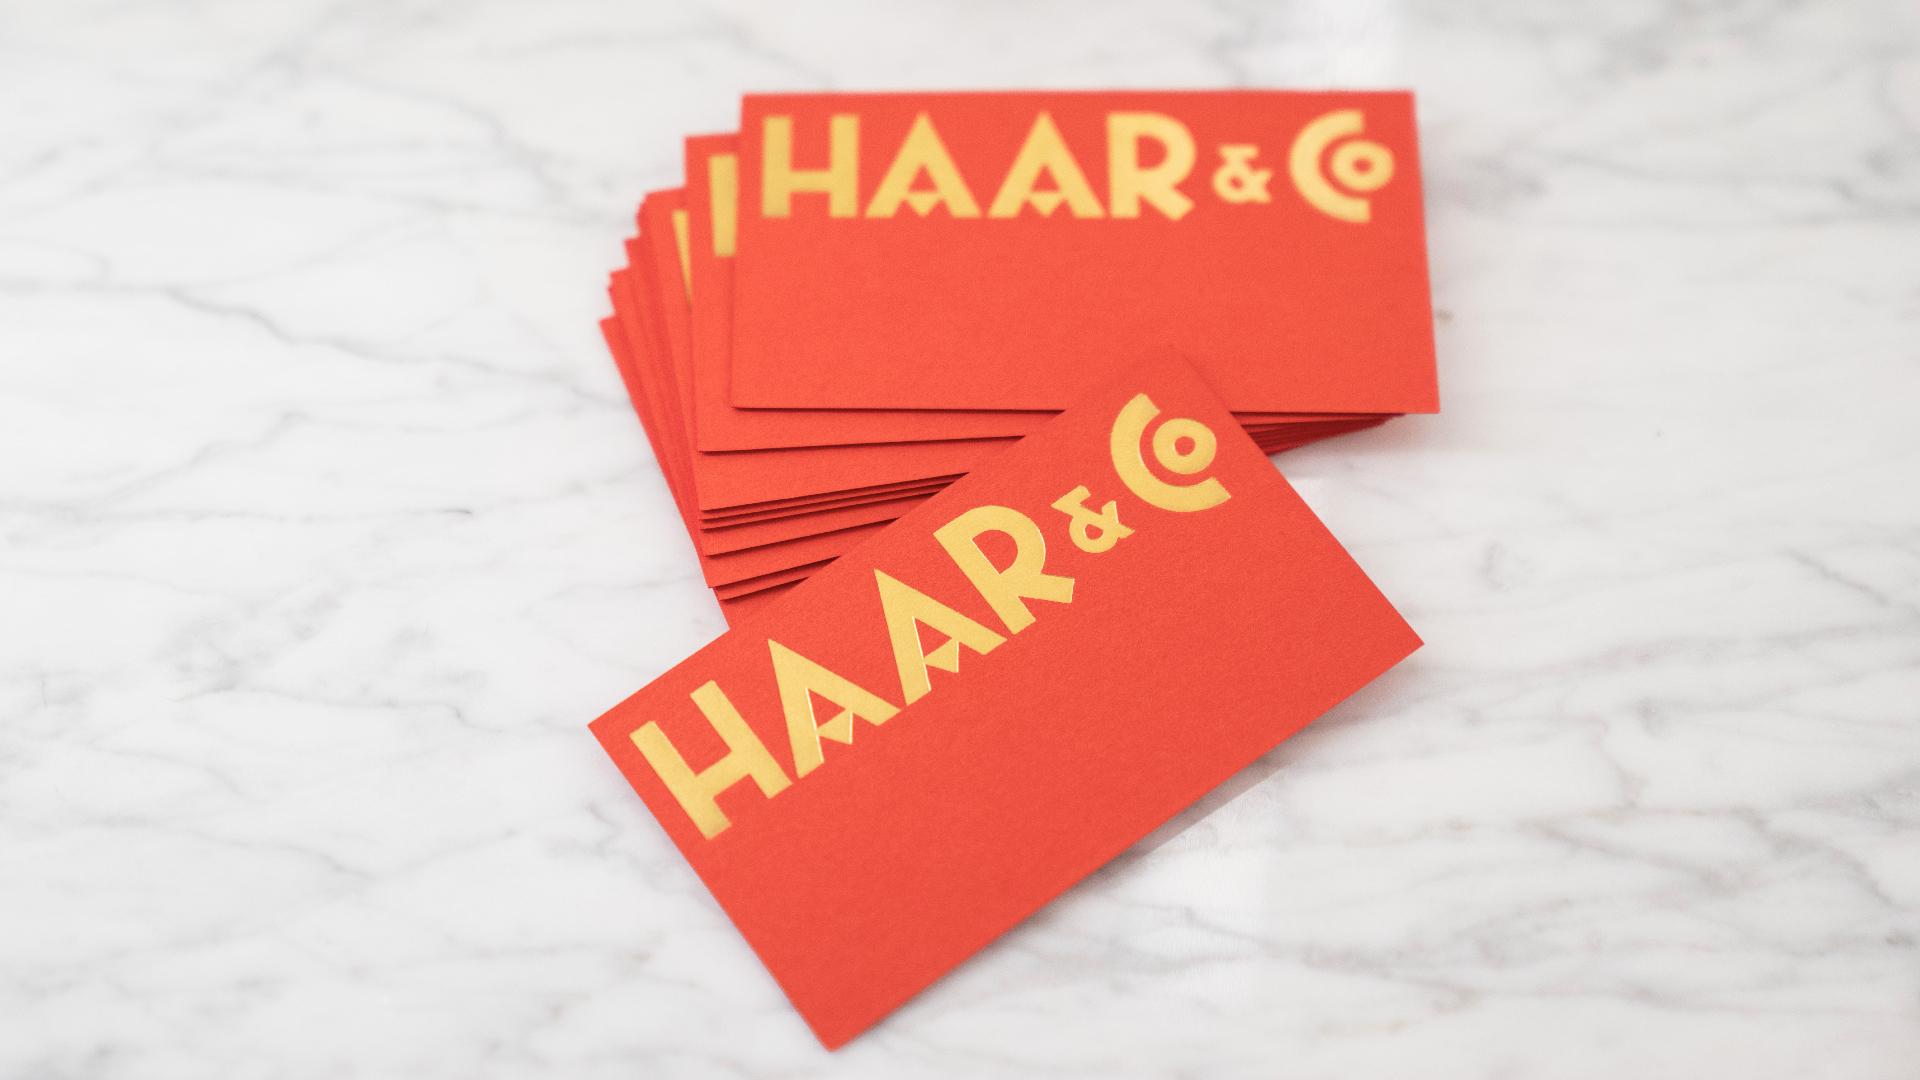 Haar&Co_Branding_MLee.001